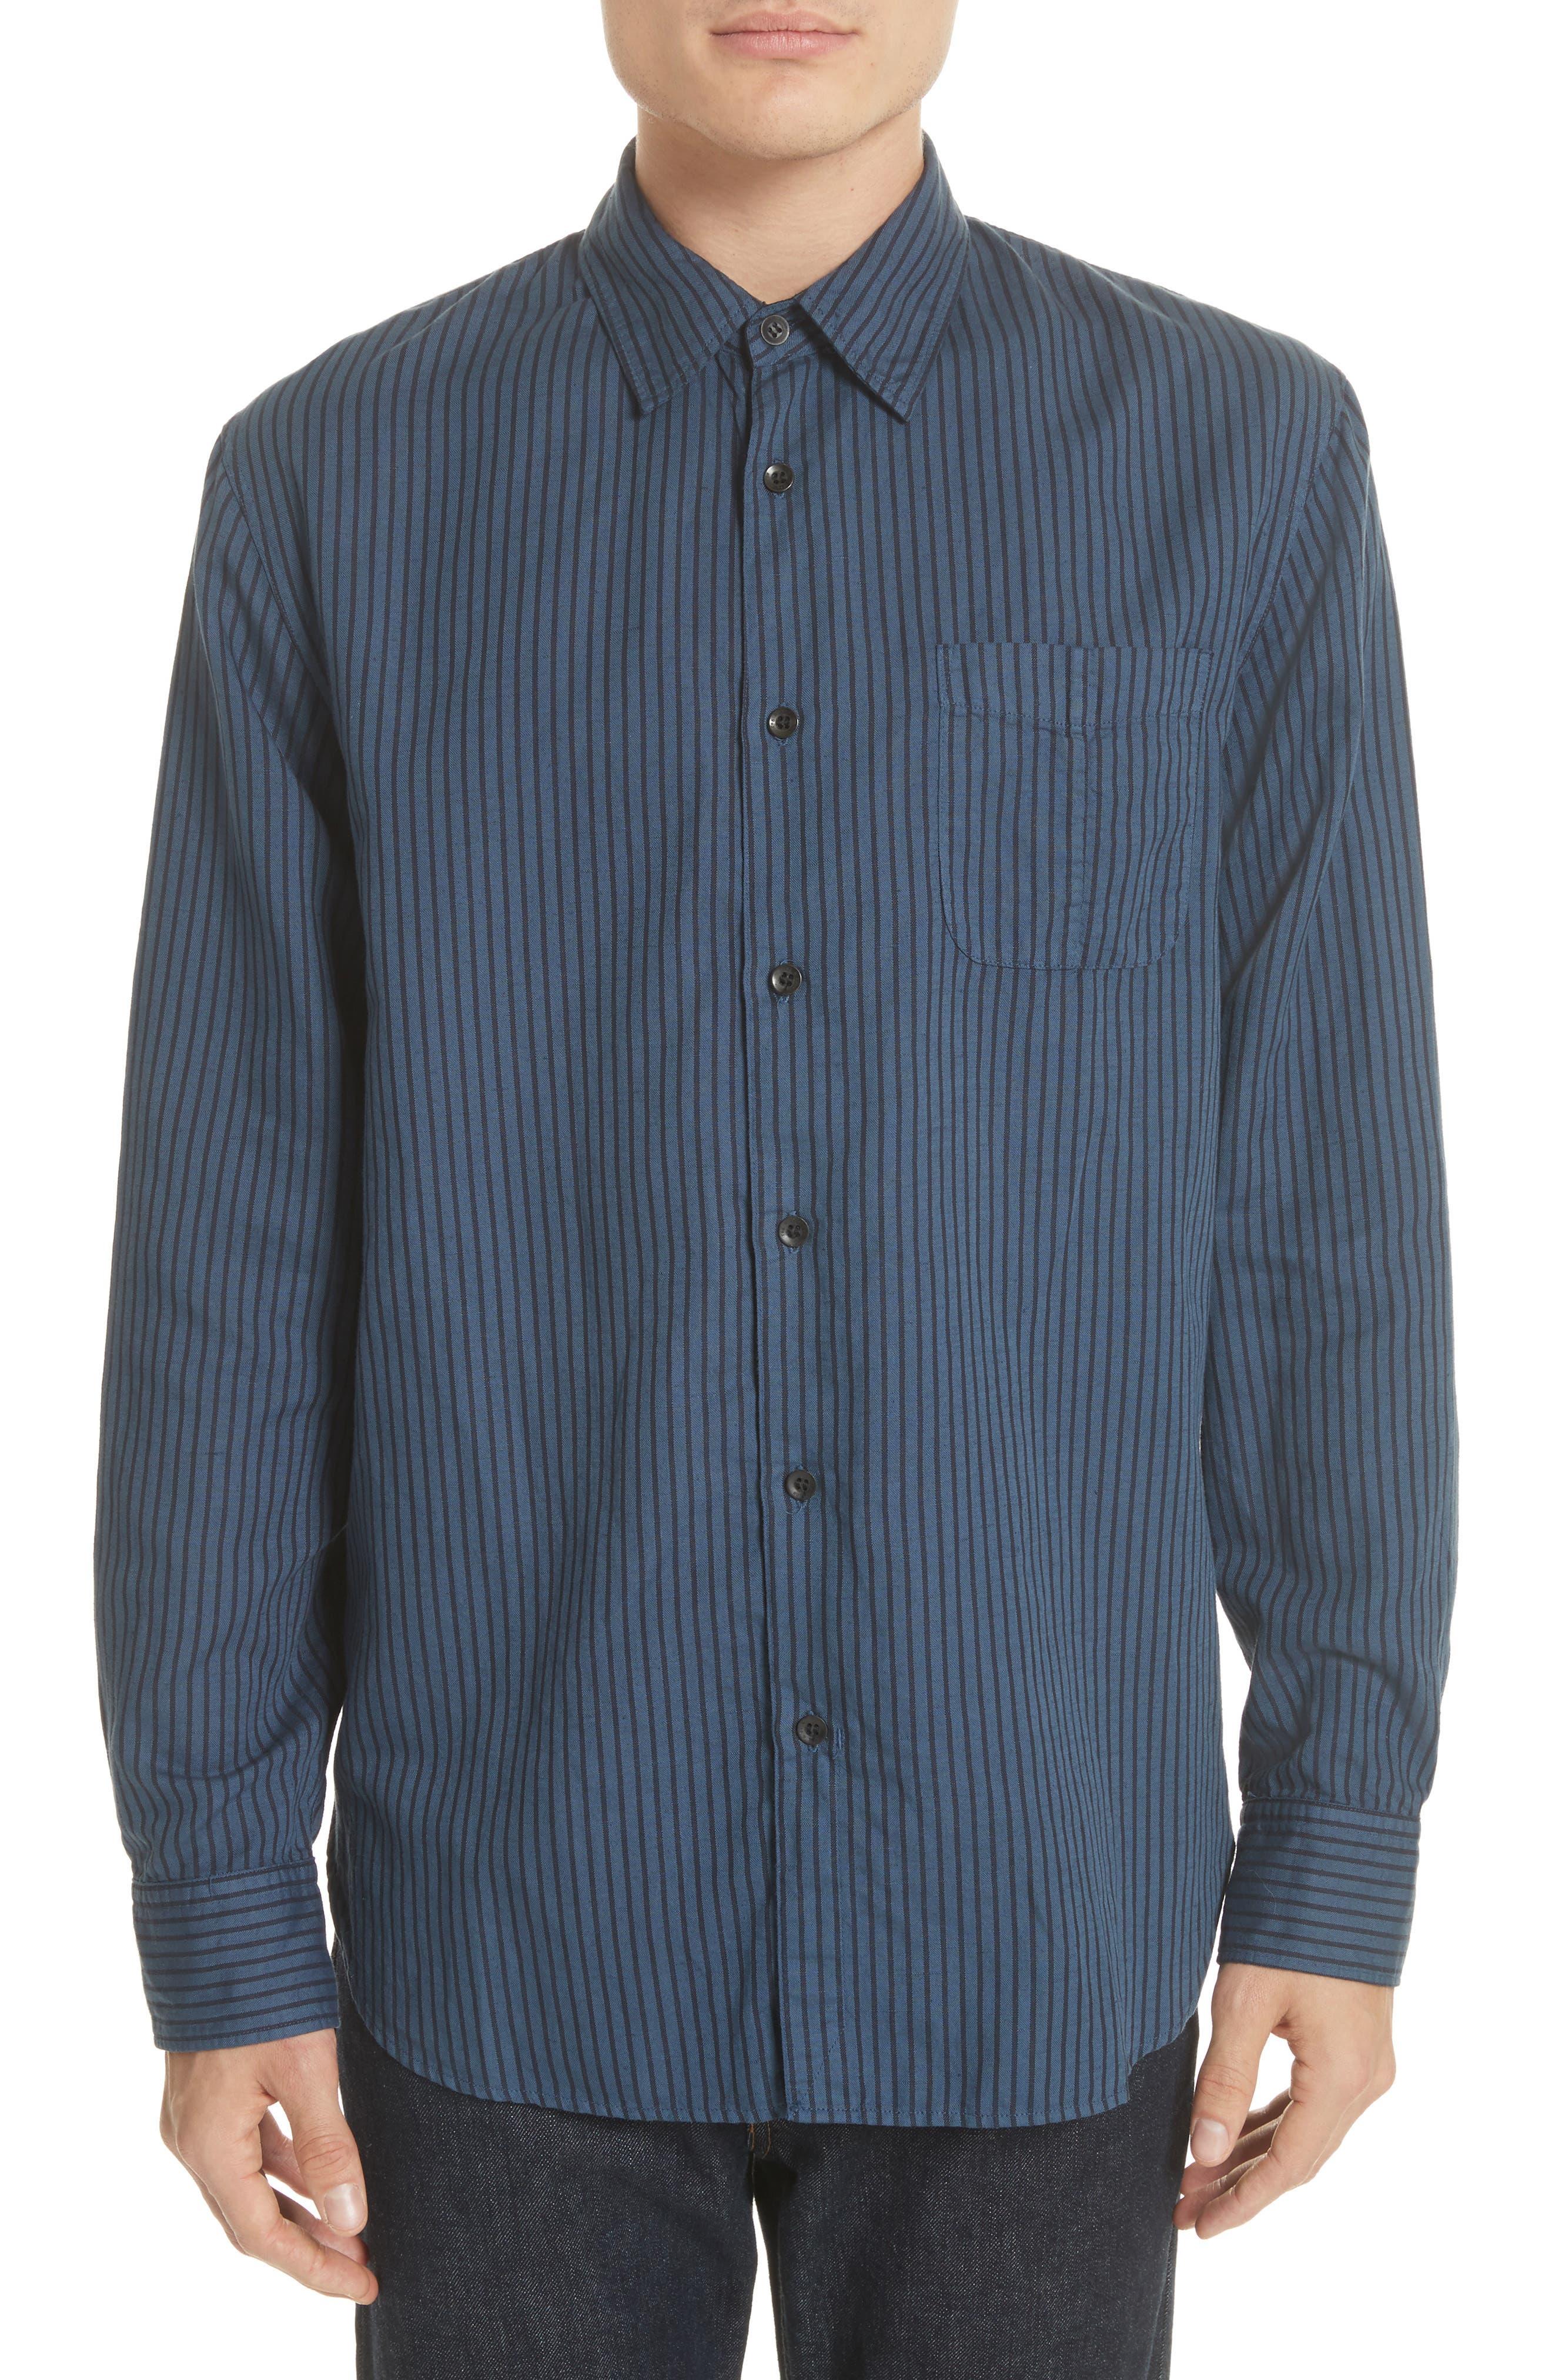 Beach Fit 3 Stripe Shirt,                             Main thumbnail 1, color,